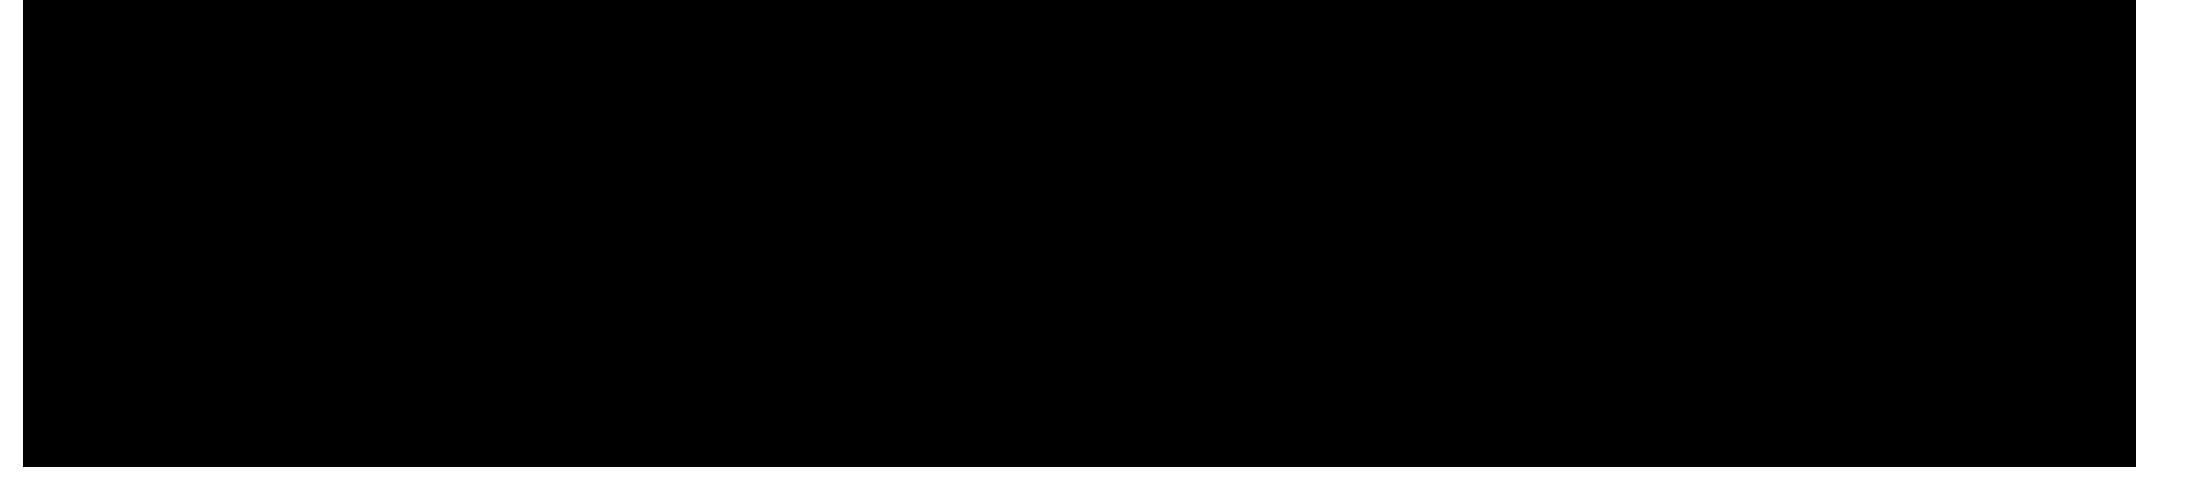 dreadlands-logo_black.png